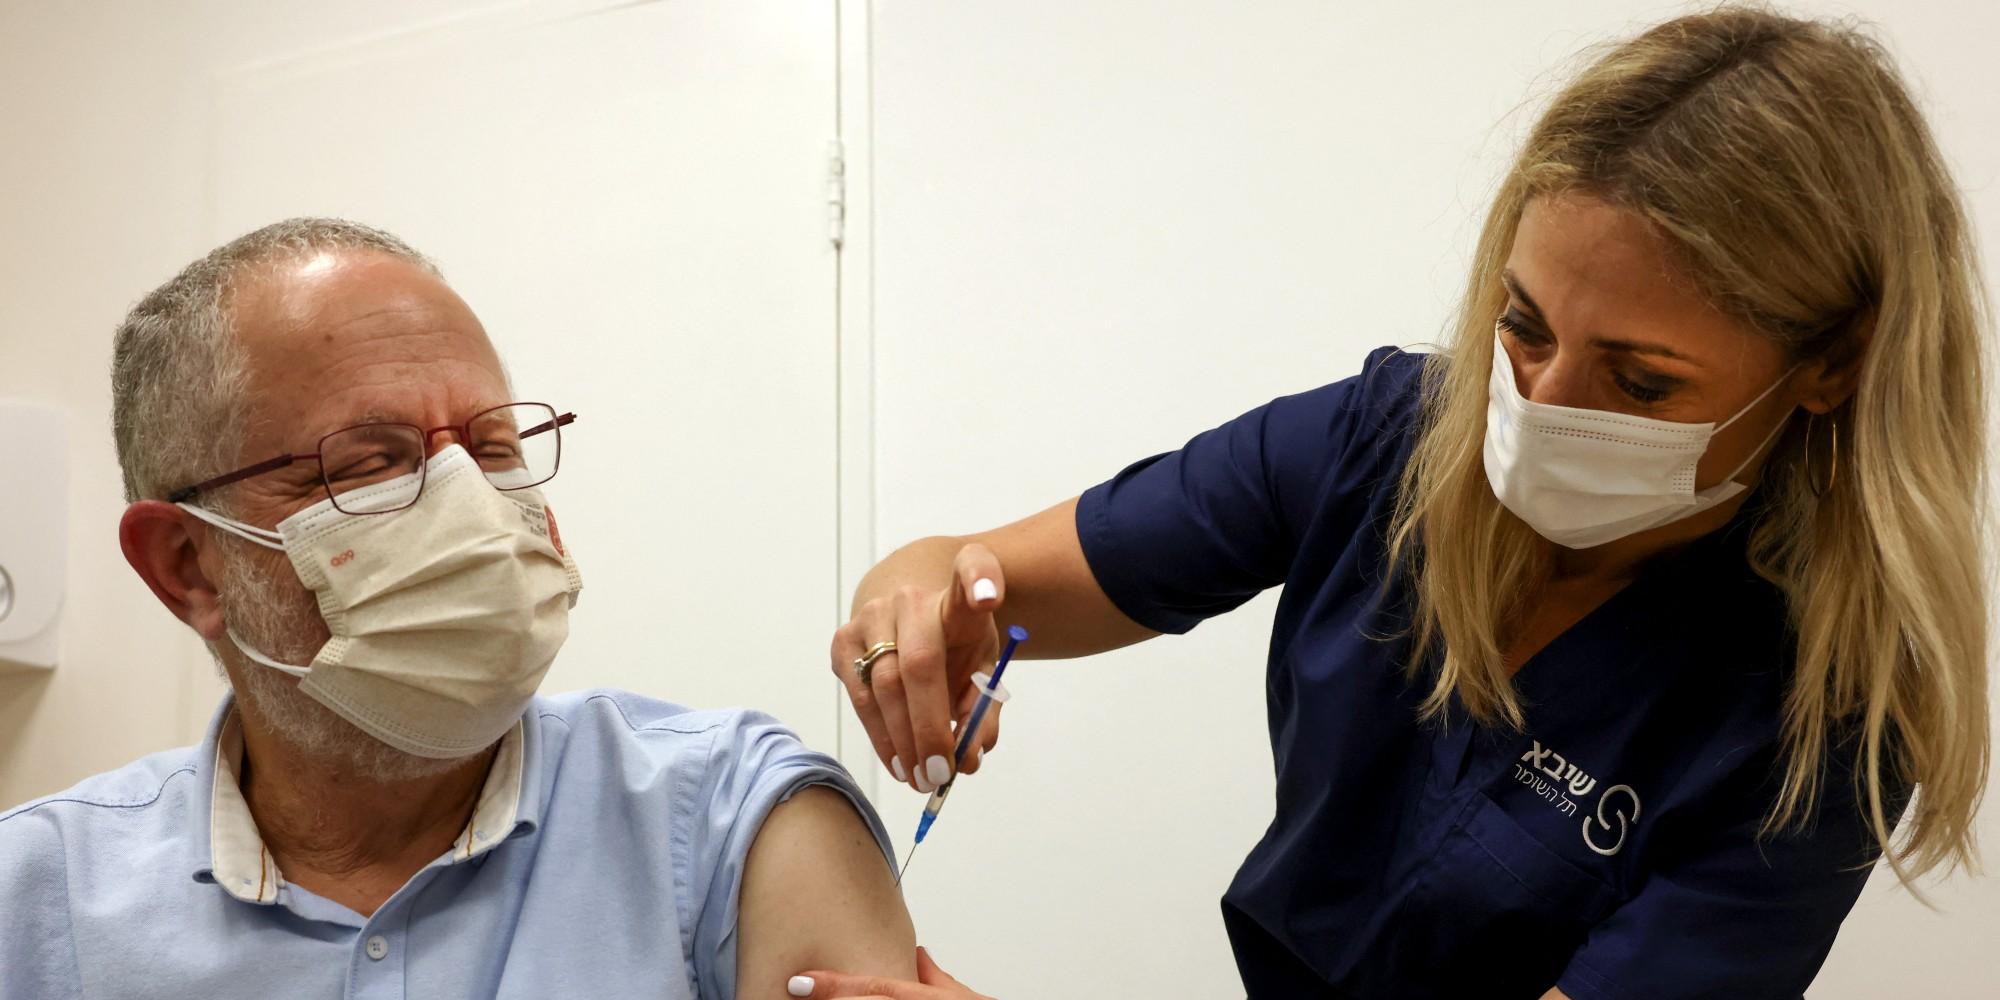 Troisième dose de vaccin en Israël : la France suivra-t-elle le même chemin?